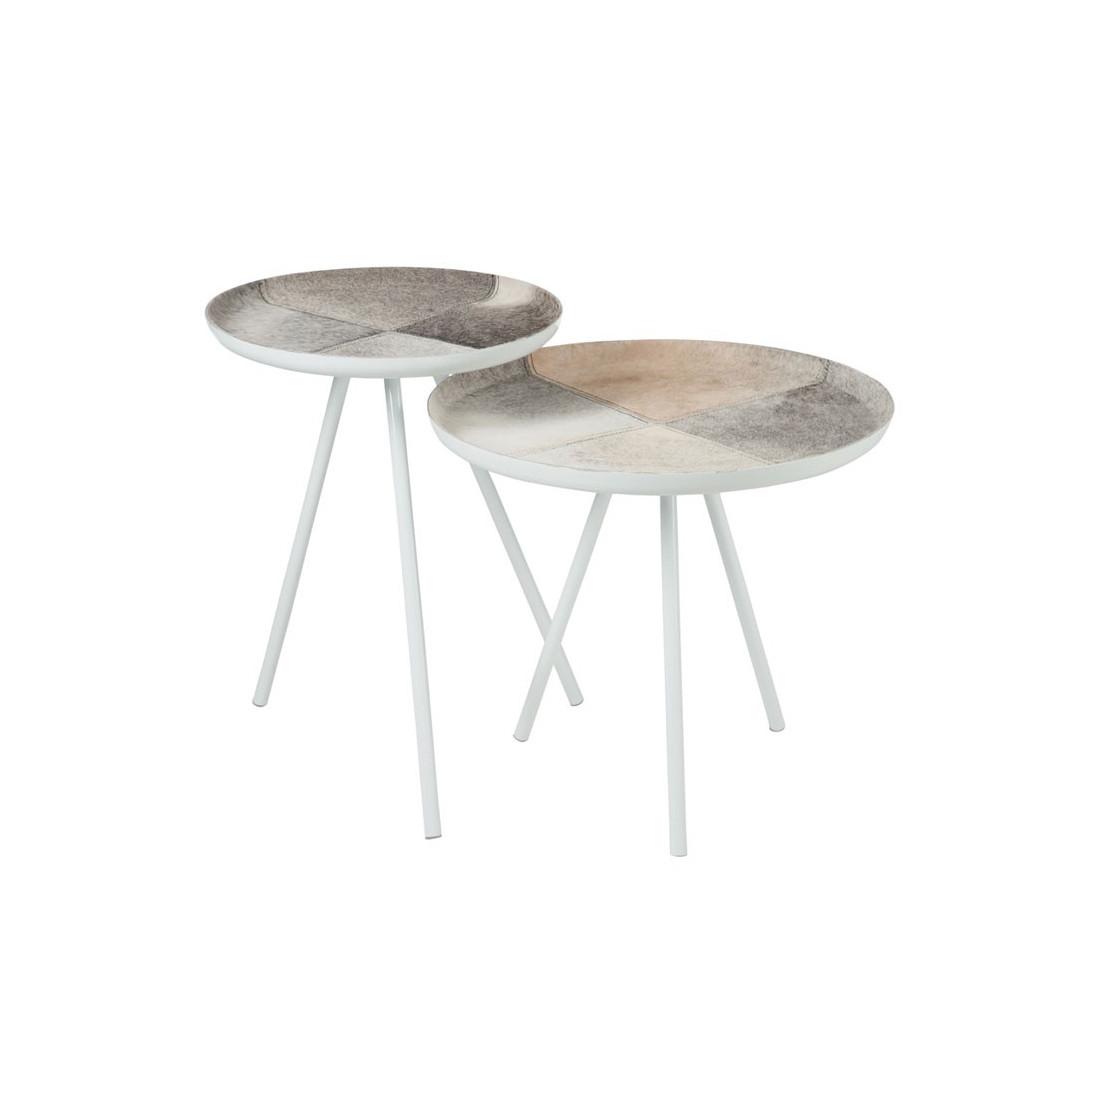 tables d 39 appoint m tal blanc peau bisco univers des petits meubles. Black Bedroom Furniture Sets. Home Design Ideas